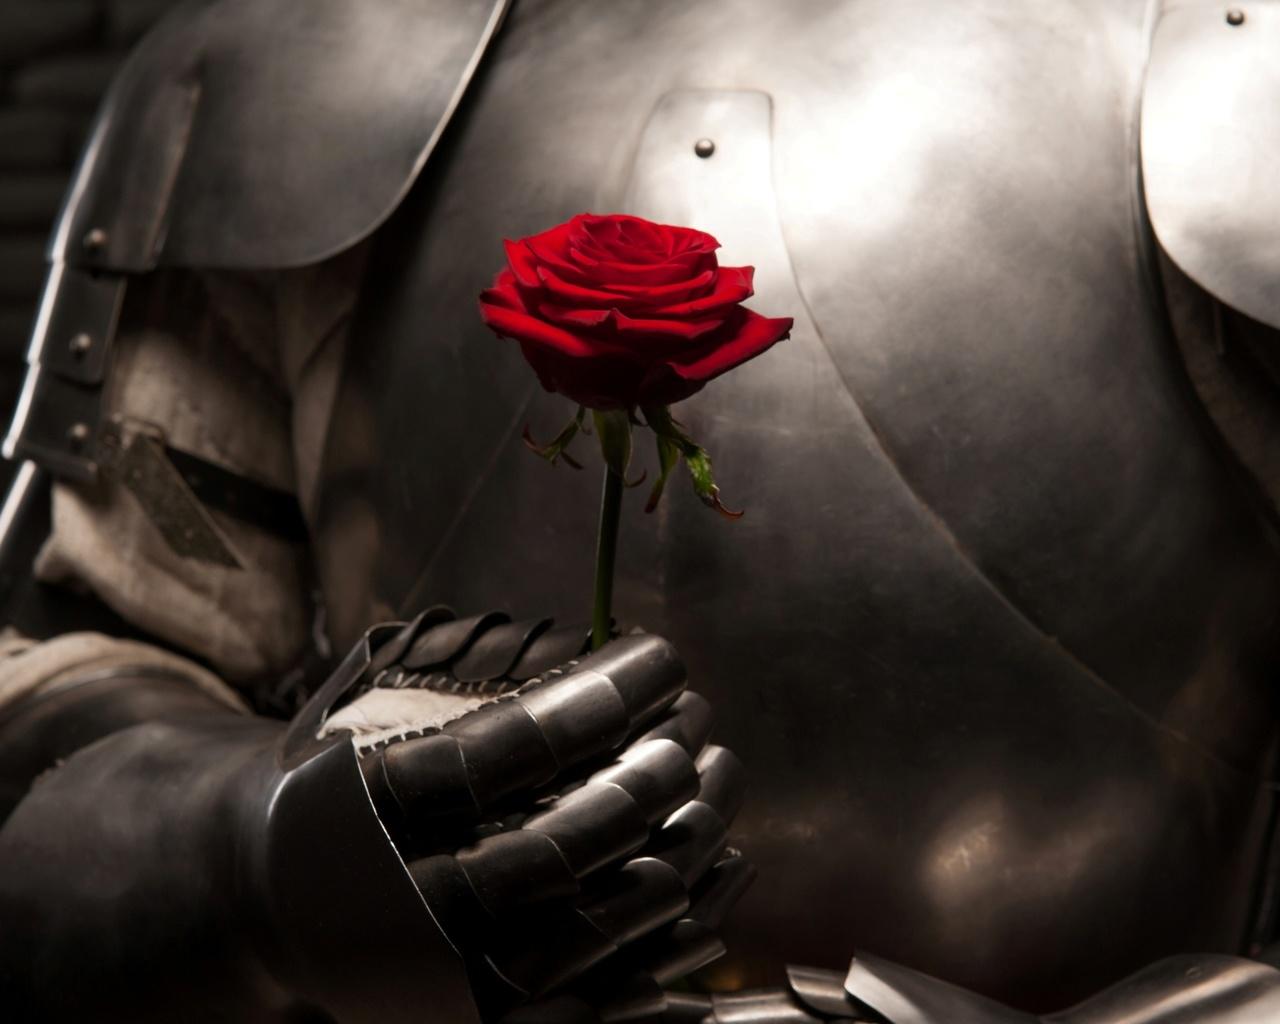 отмечают минобороны, рыцарь дарит цветы даме картинка сжальтесь надо